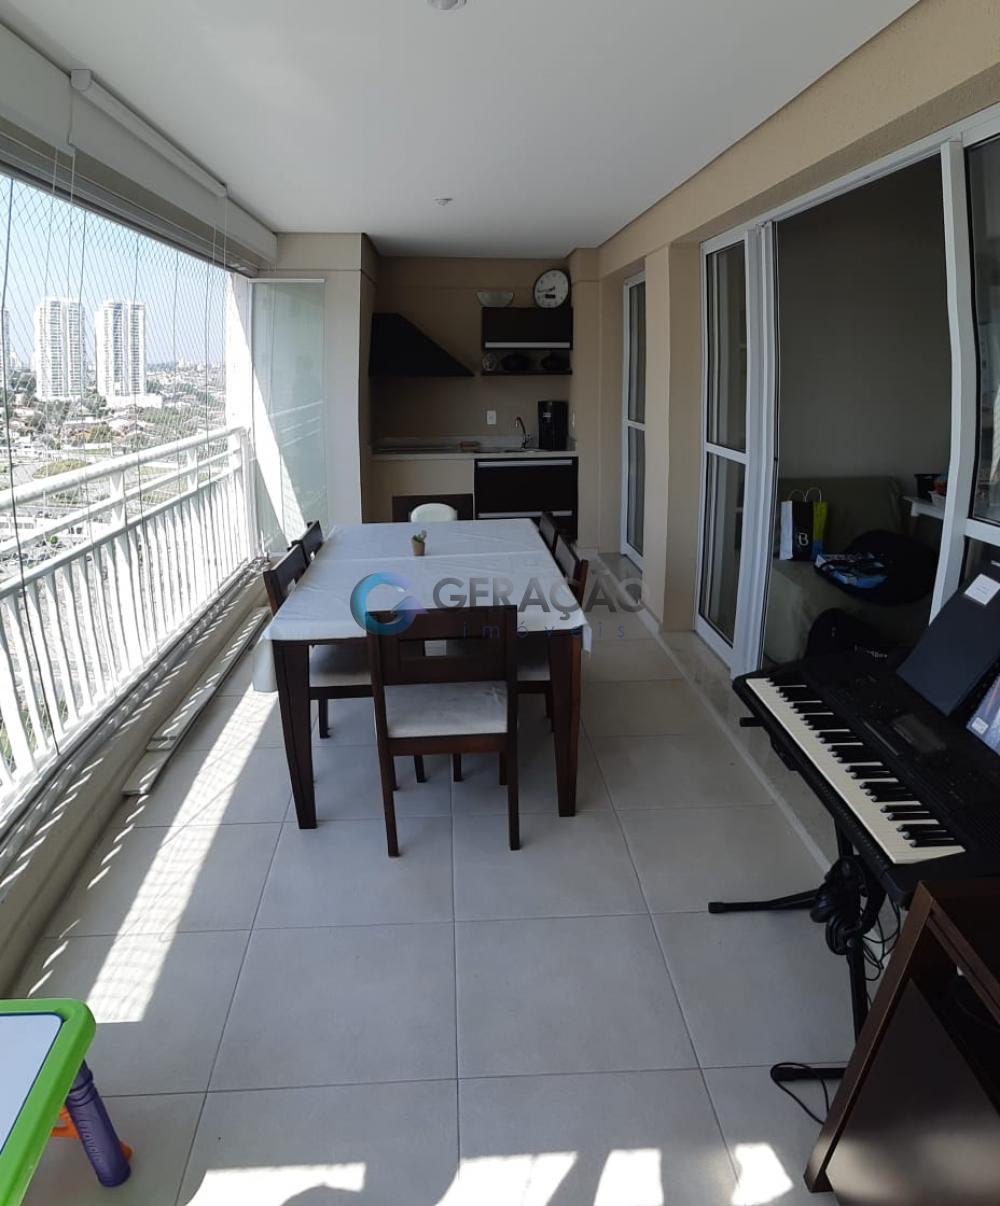 Comprar Apartamento / Padrão em São José dos Campos apenas R$ 800.000,00 - Foto 1